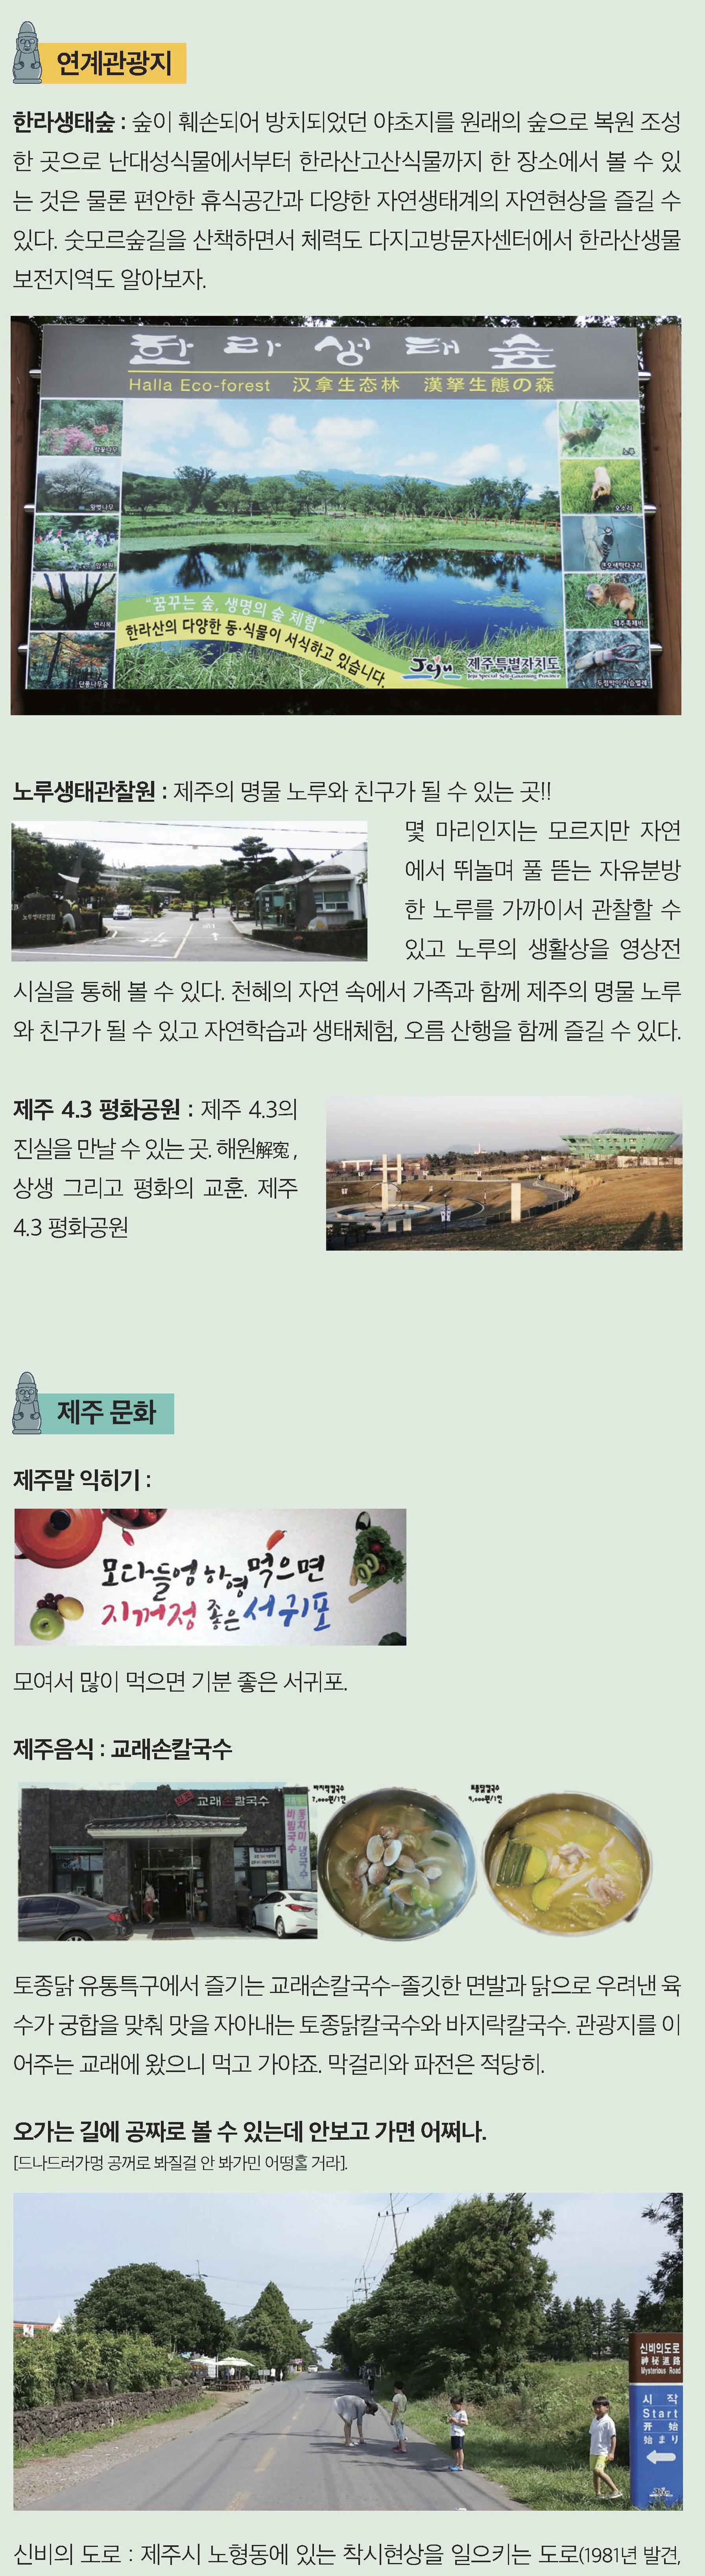 페이지_ 방송과기술 11월 고해상_페이지_1